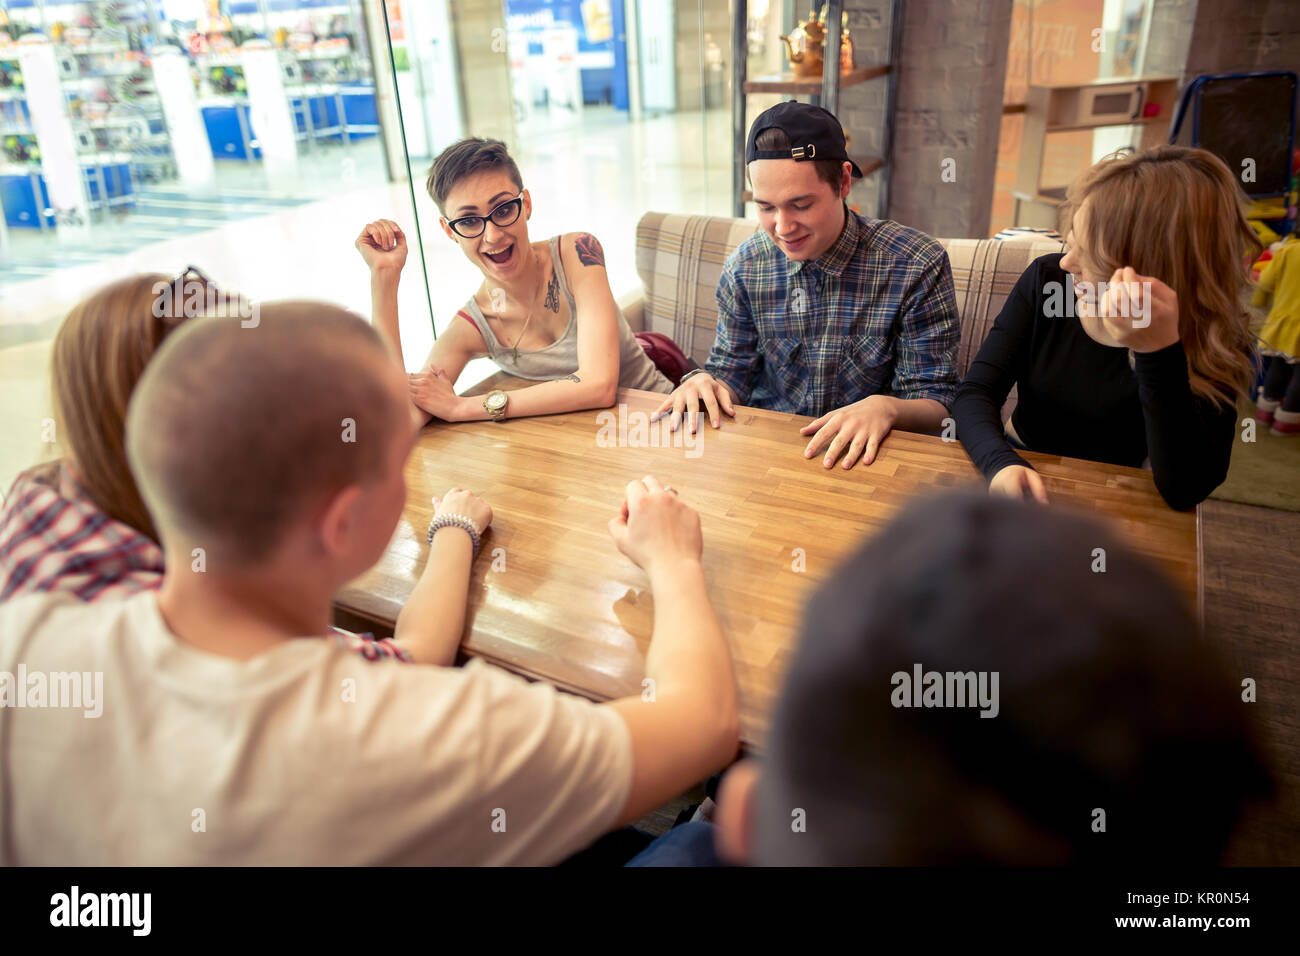 Un grupo de estudiantes sentados en una cafetería mirarse Imagen De Stock